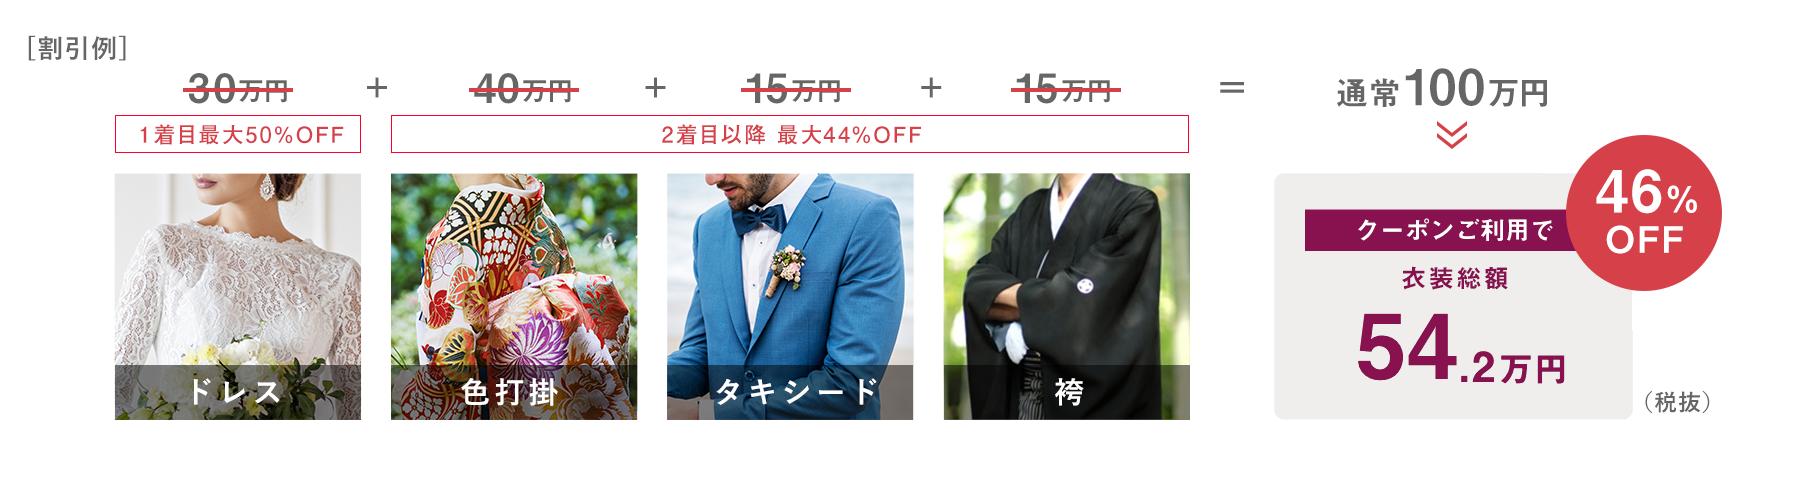 ドレス・色打掛・タキシード・袴|クーポンご利用で衣装総額54.2万円(税抜)|46%OFF